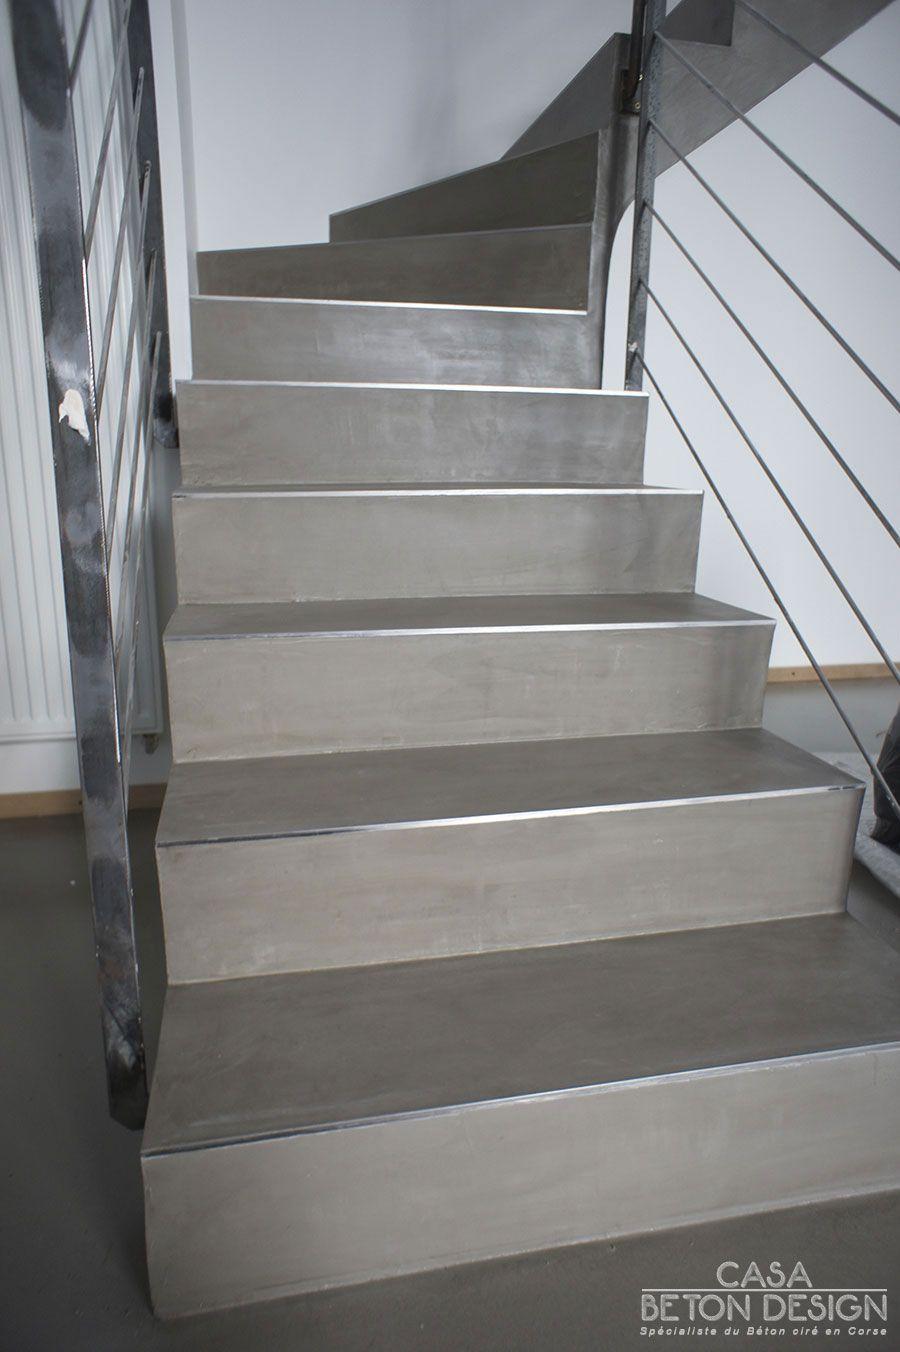 Escalier béton ciré nez de marche inox escalier beton